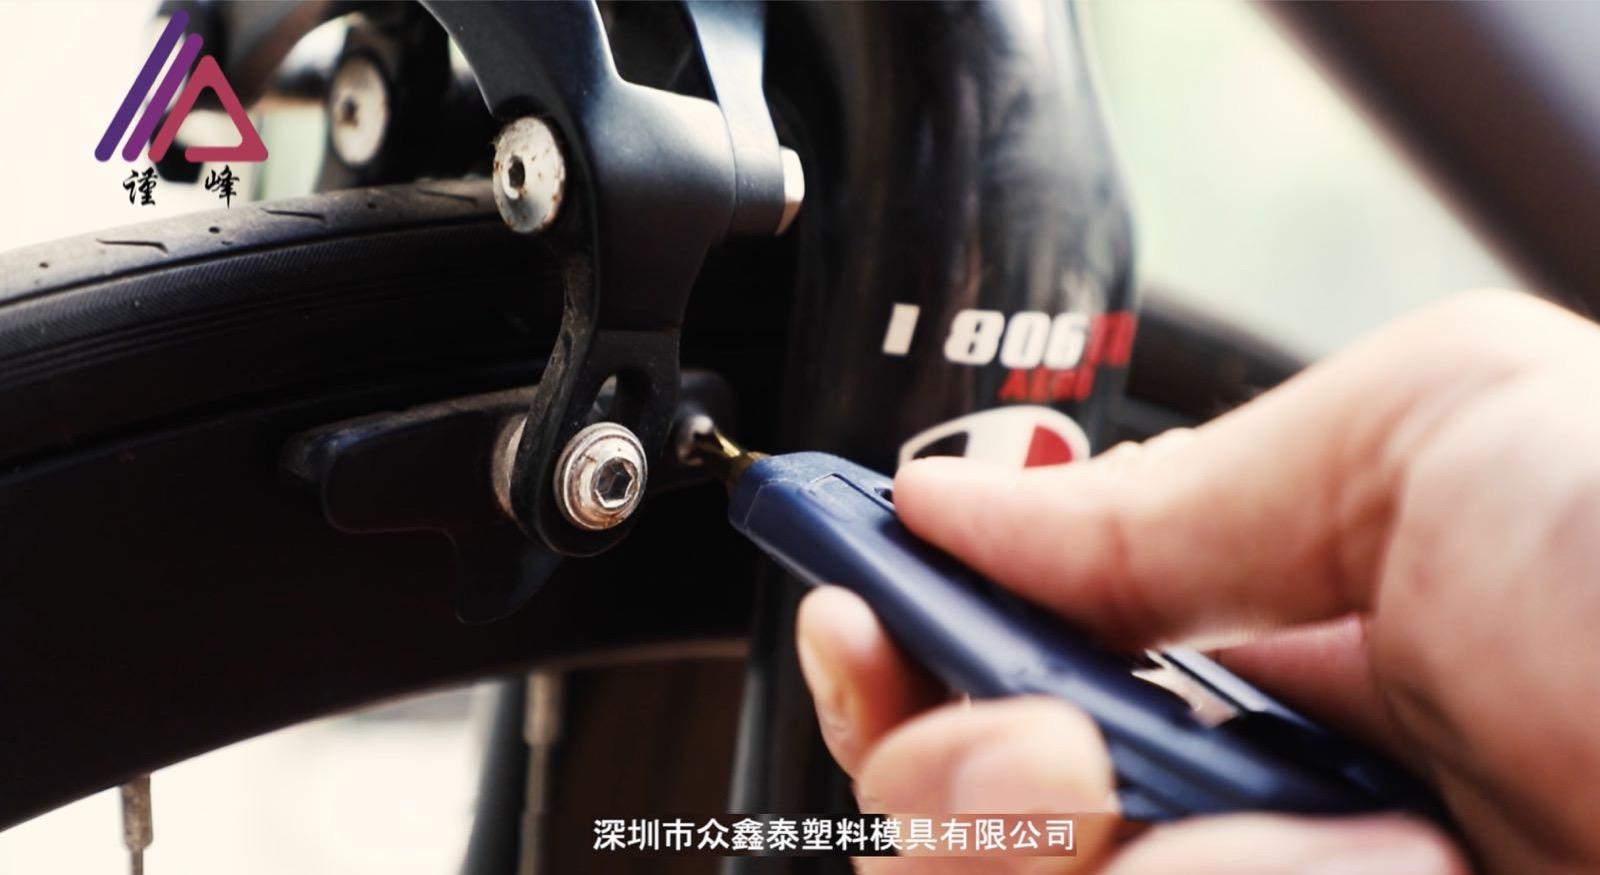 企业宣传礼品定制哪家好 深圳塑胶模具开模定制,模具注塑加工厂家直销